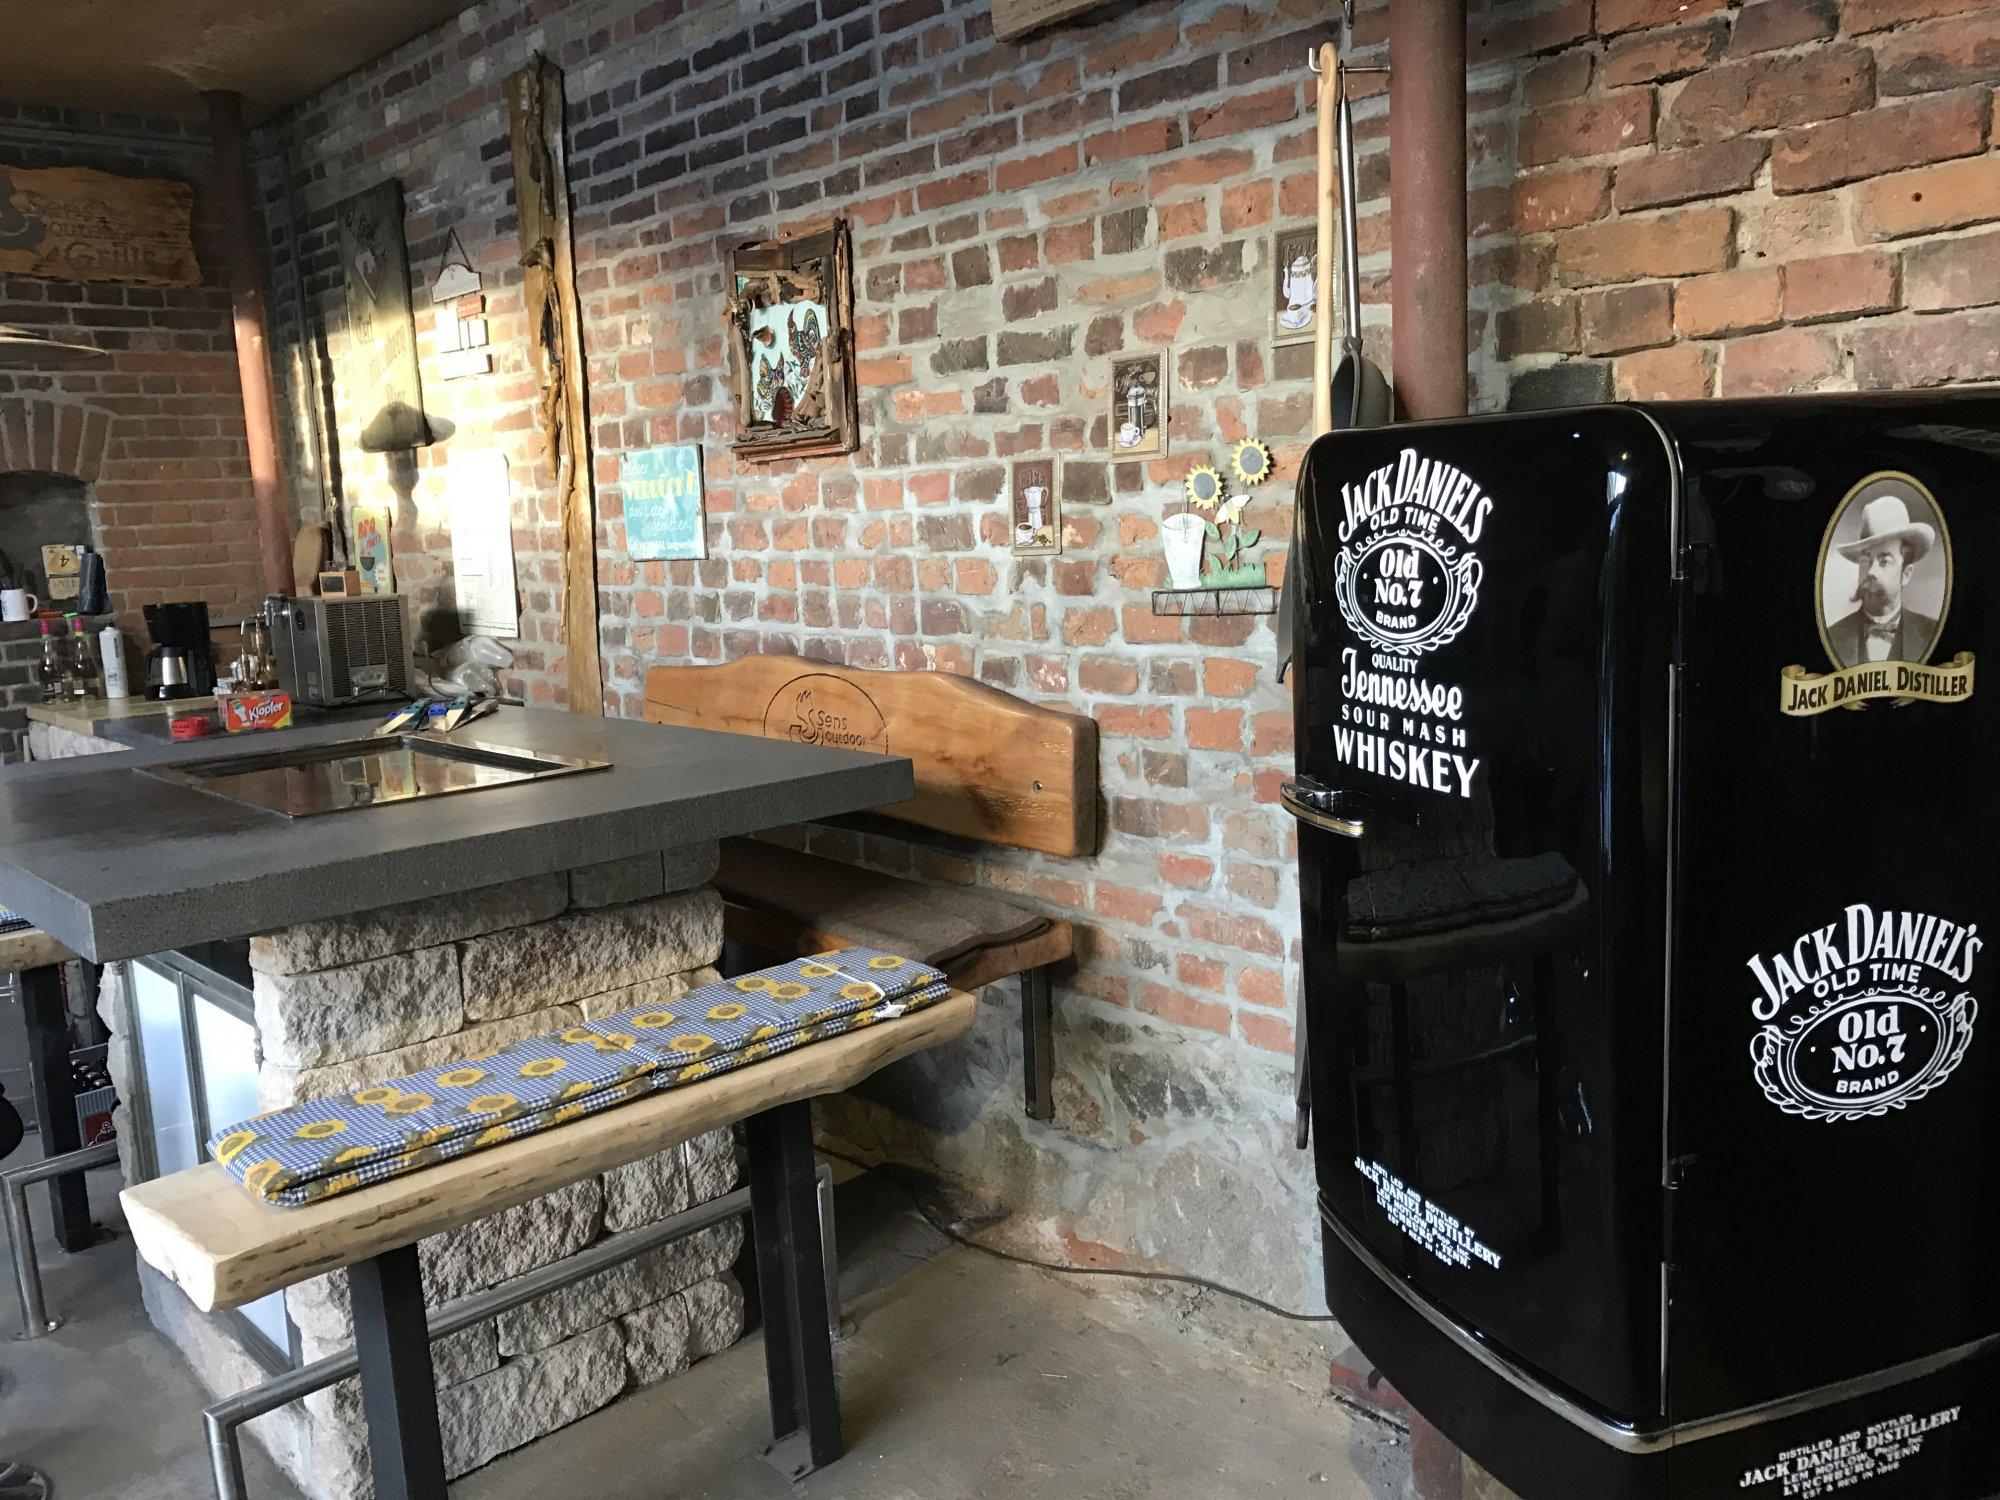 Outdoor Küche Grillsportverein : So sieht eine outdoorküche aus wenn die großen kinder feiern